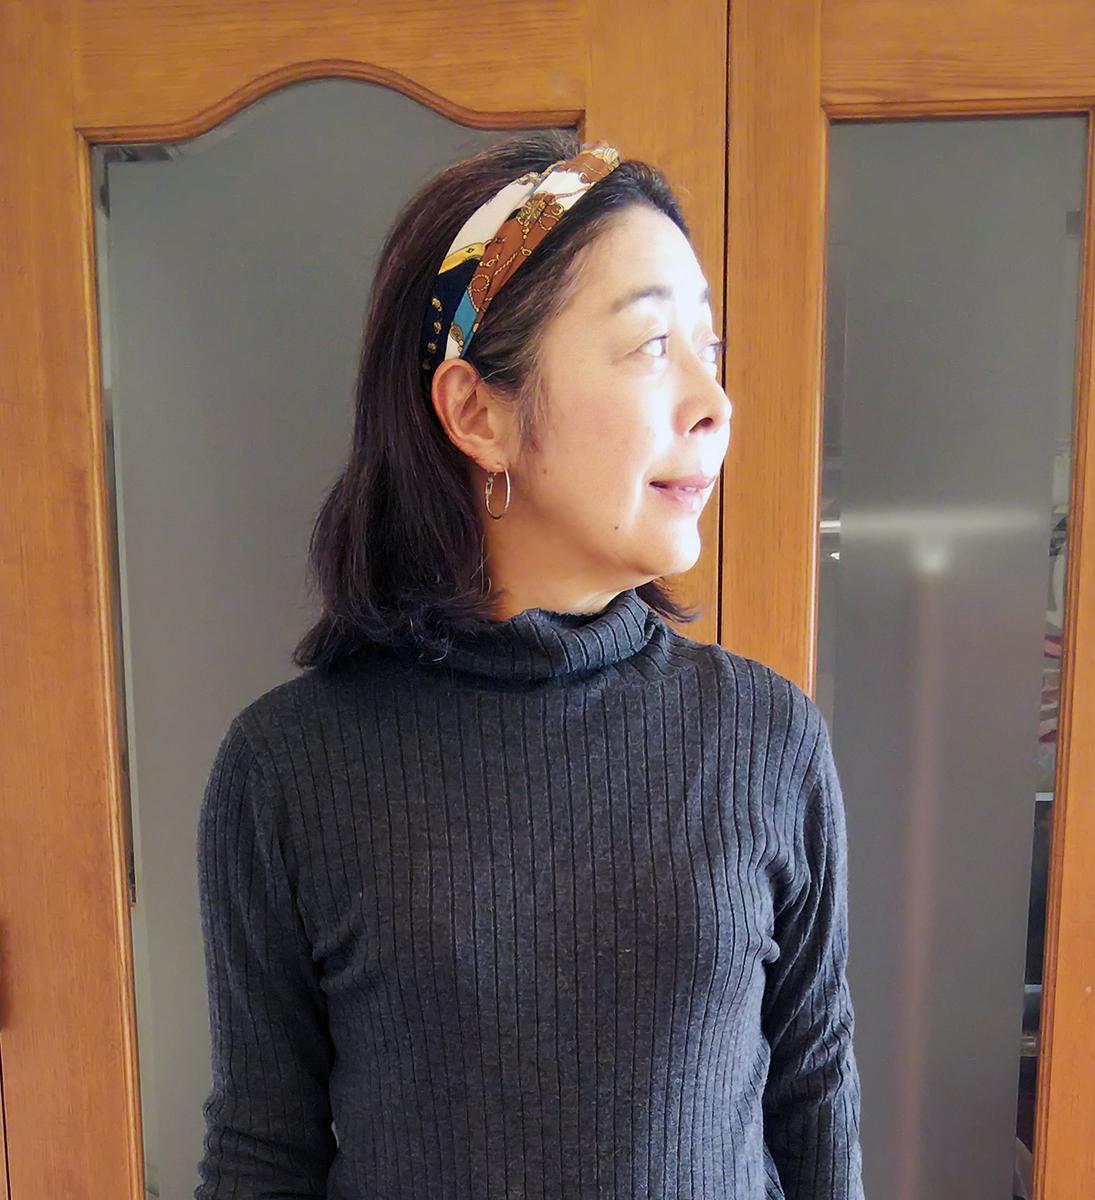 スカーフ柄のターバン